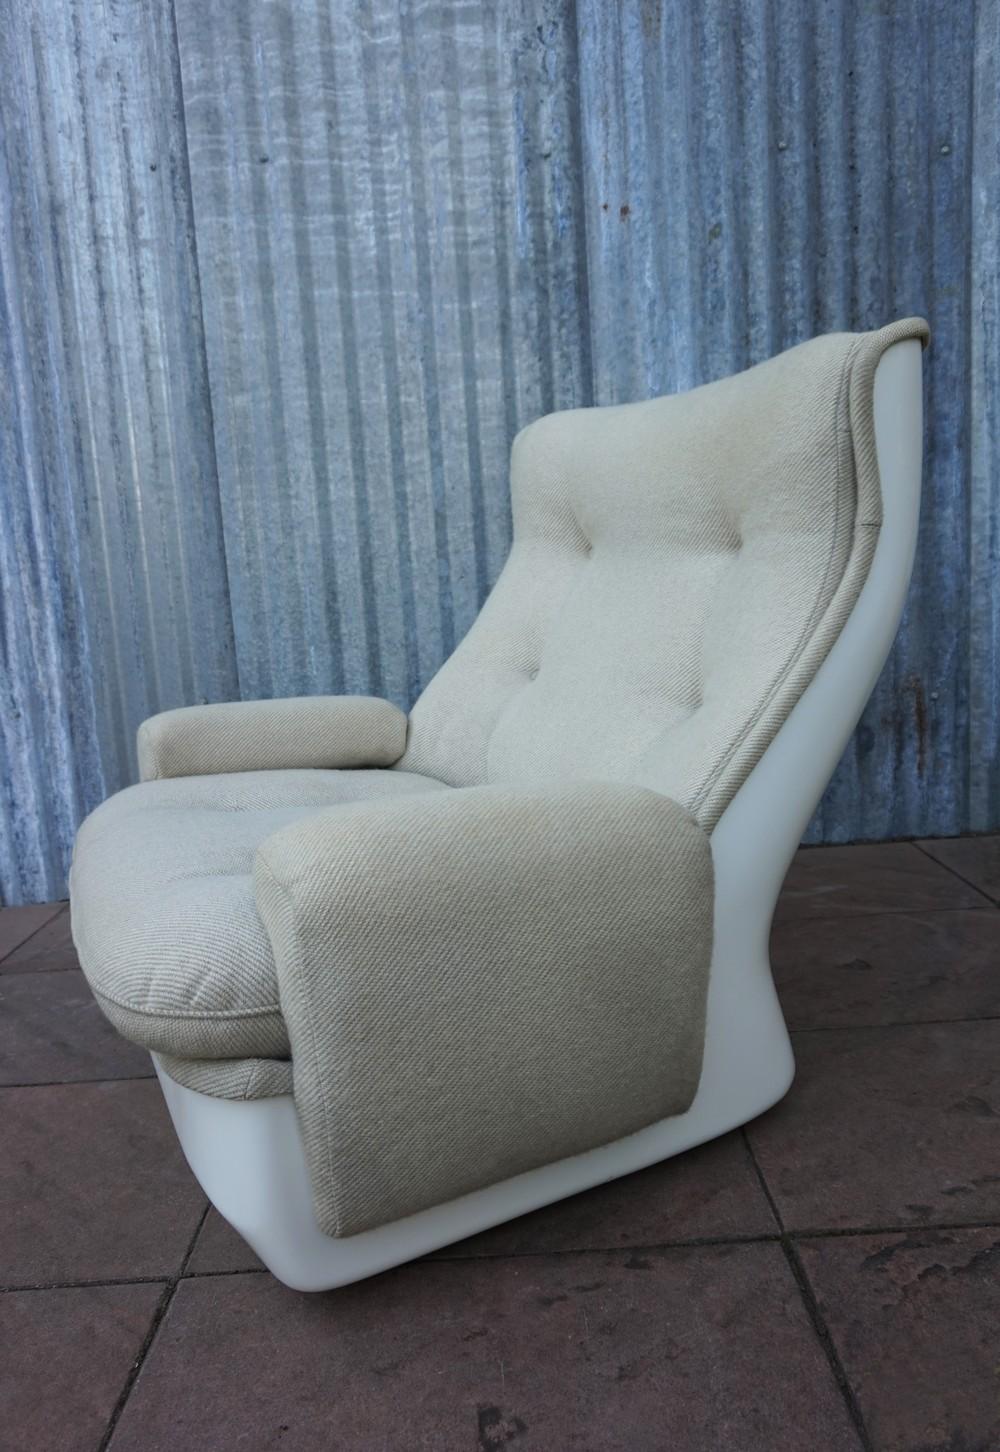 Vintage airborne design lounge fauteuil michel cadestin model orchid e - Witte design lounge ...